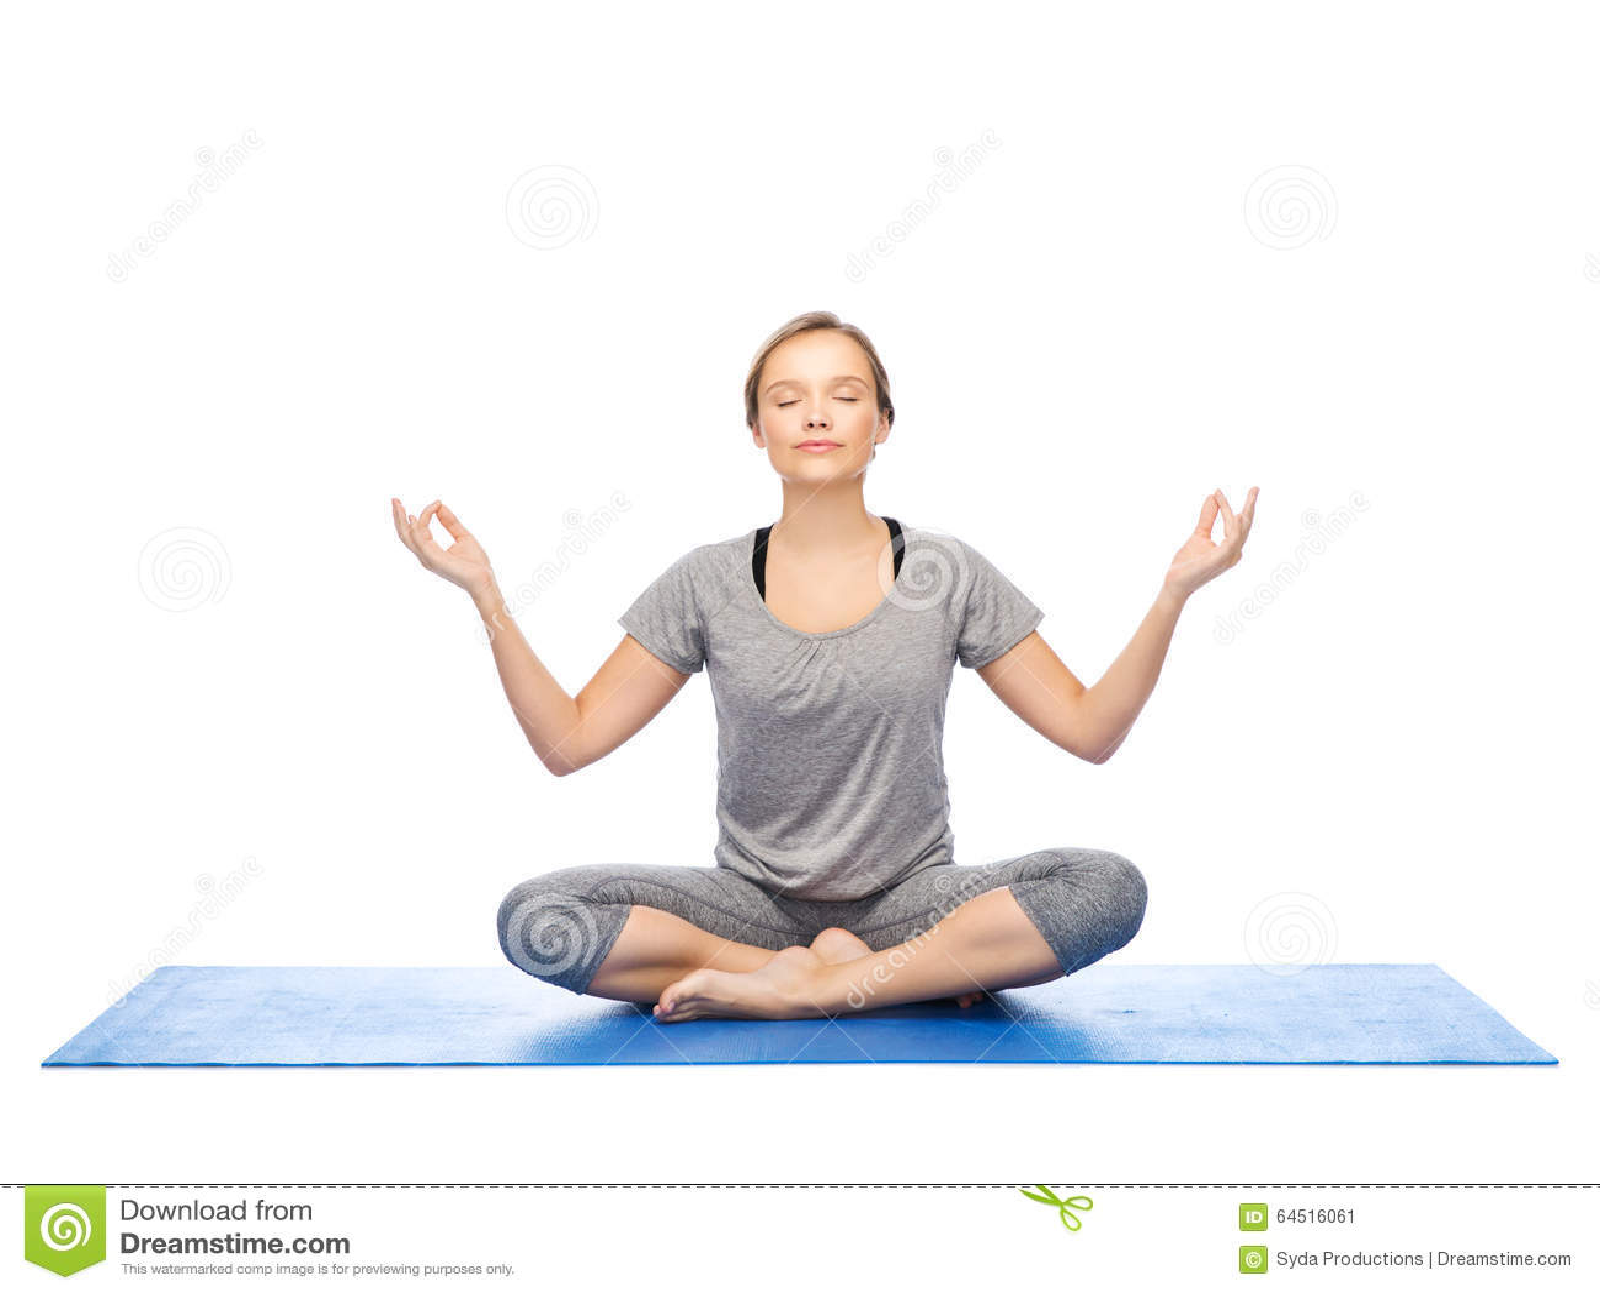 Woman Making Yoga Meditation In Lotus Pose On Mat Stock